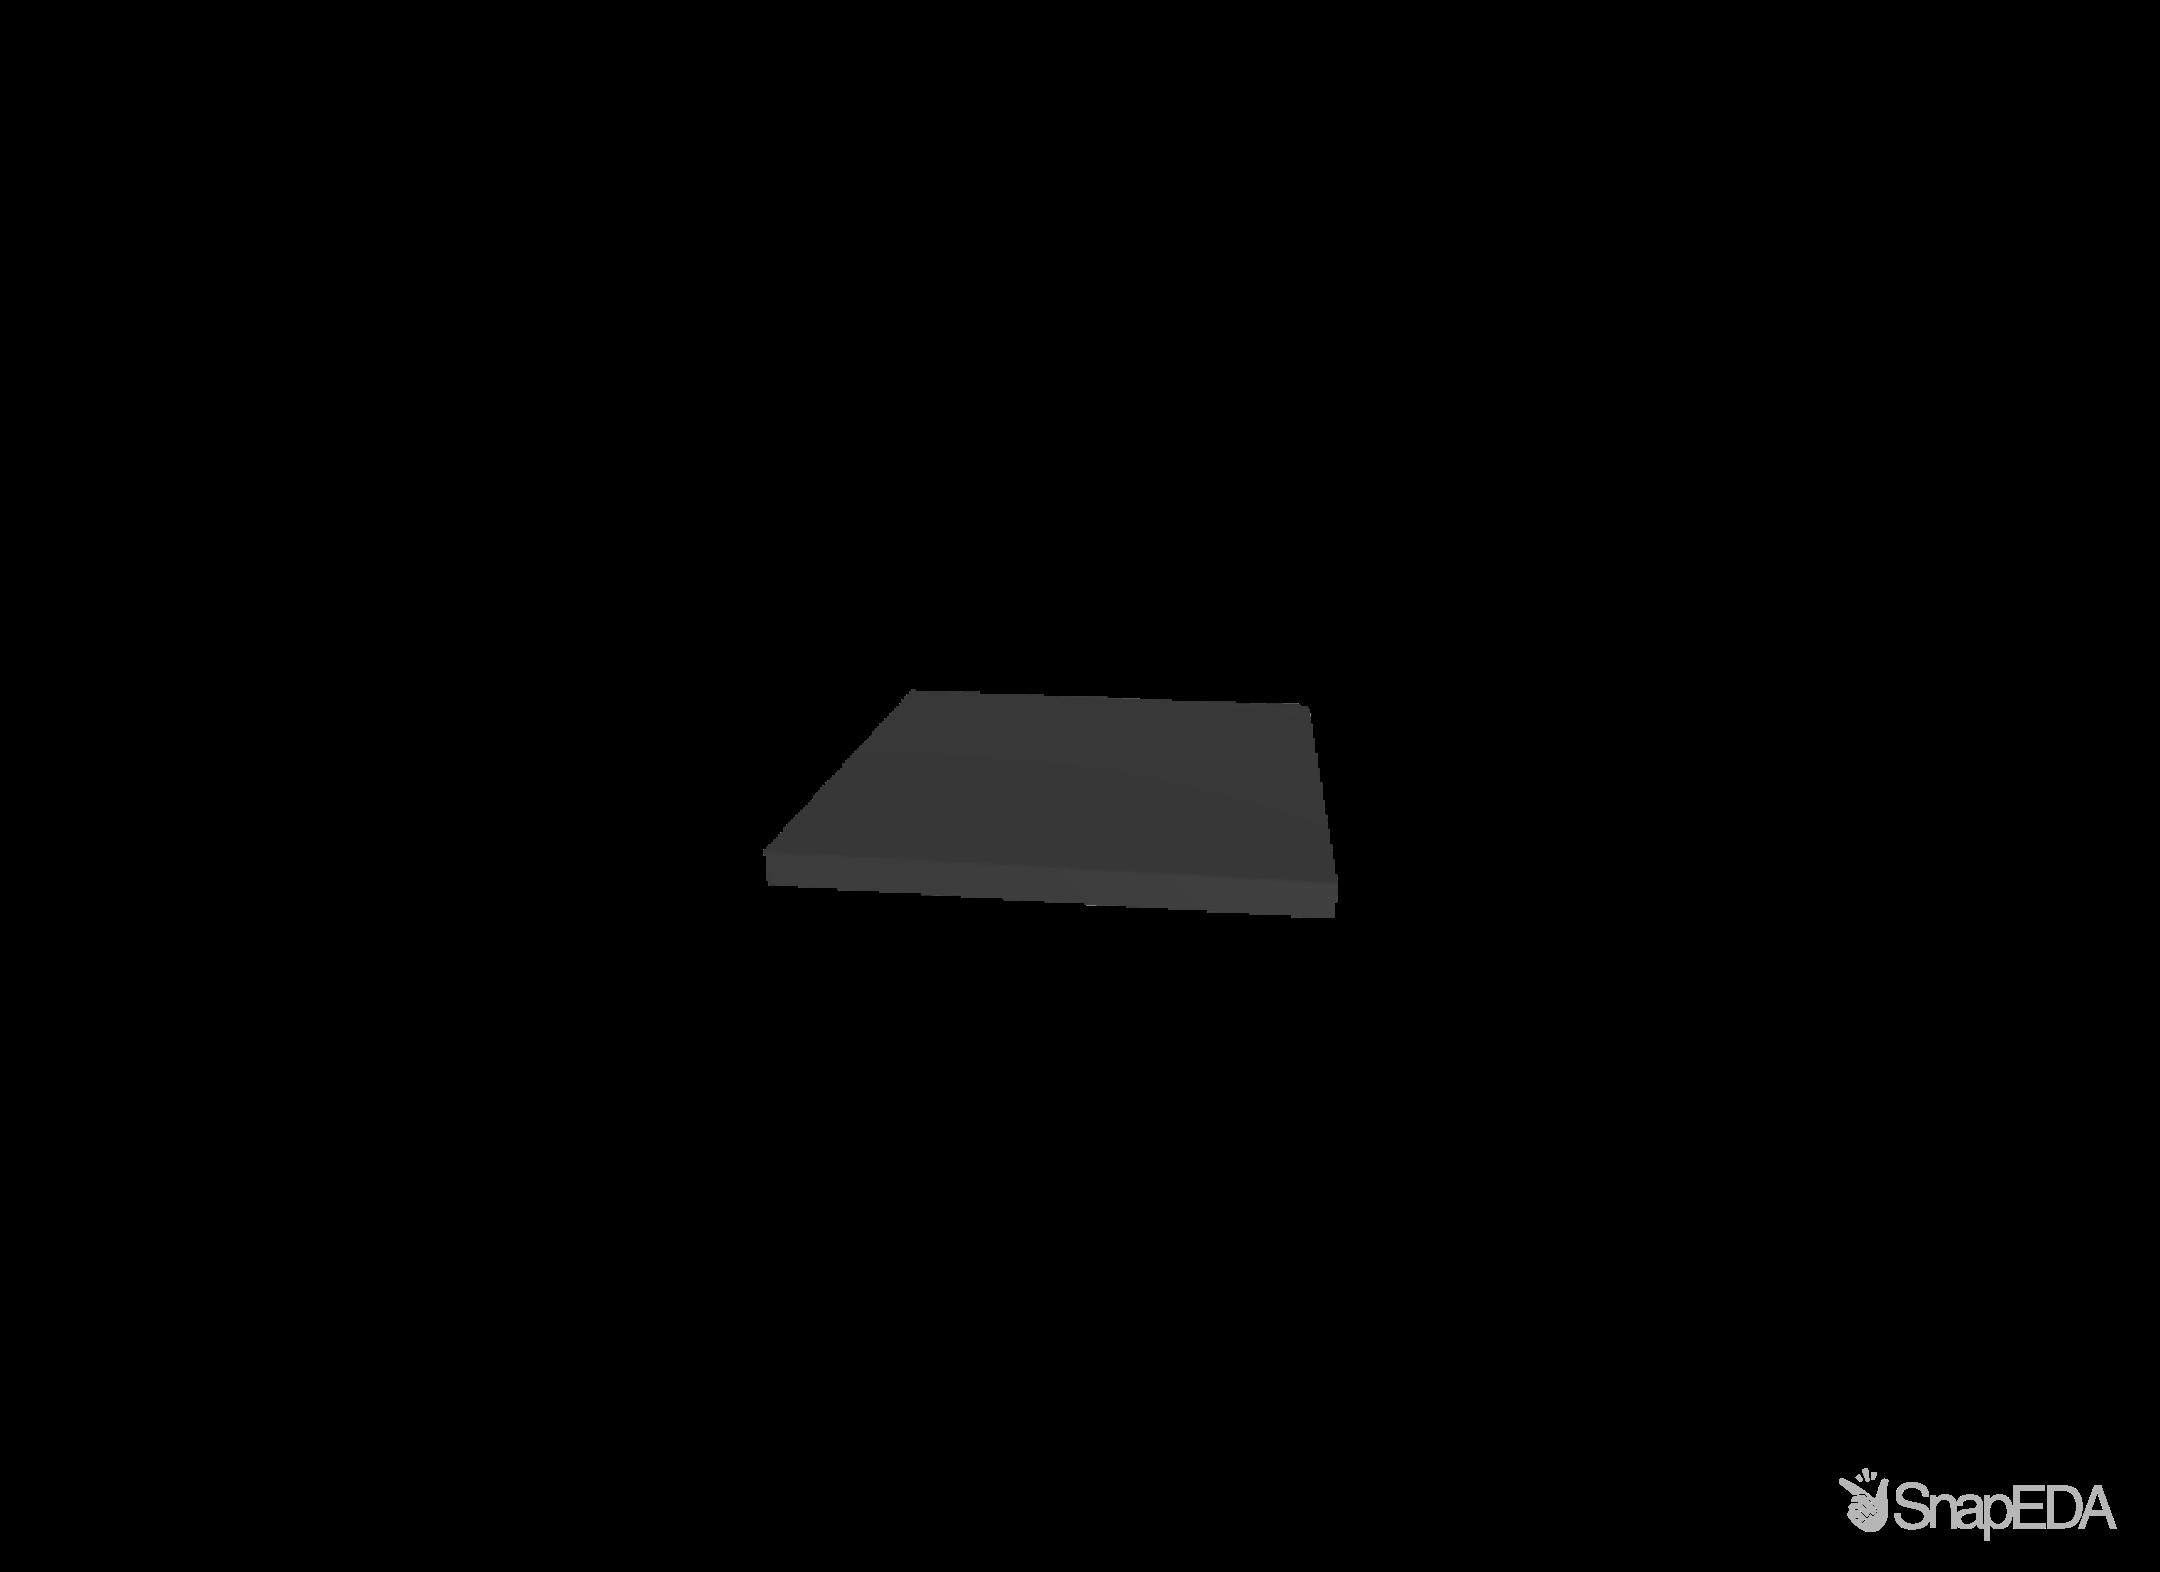 XC7Z020-1CLG484C 3D Model